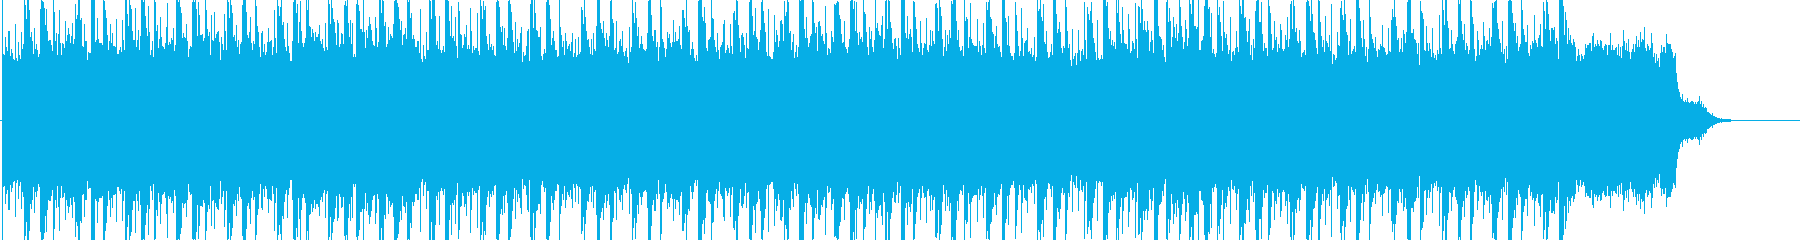 映像・ゲーム・舞台などで使用できるの再生済みの波形